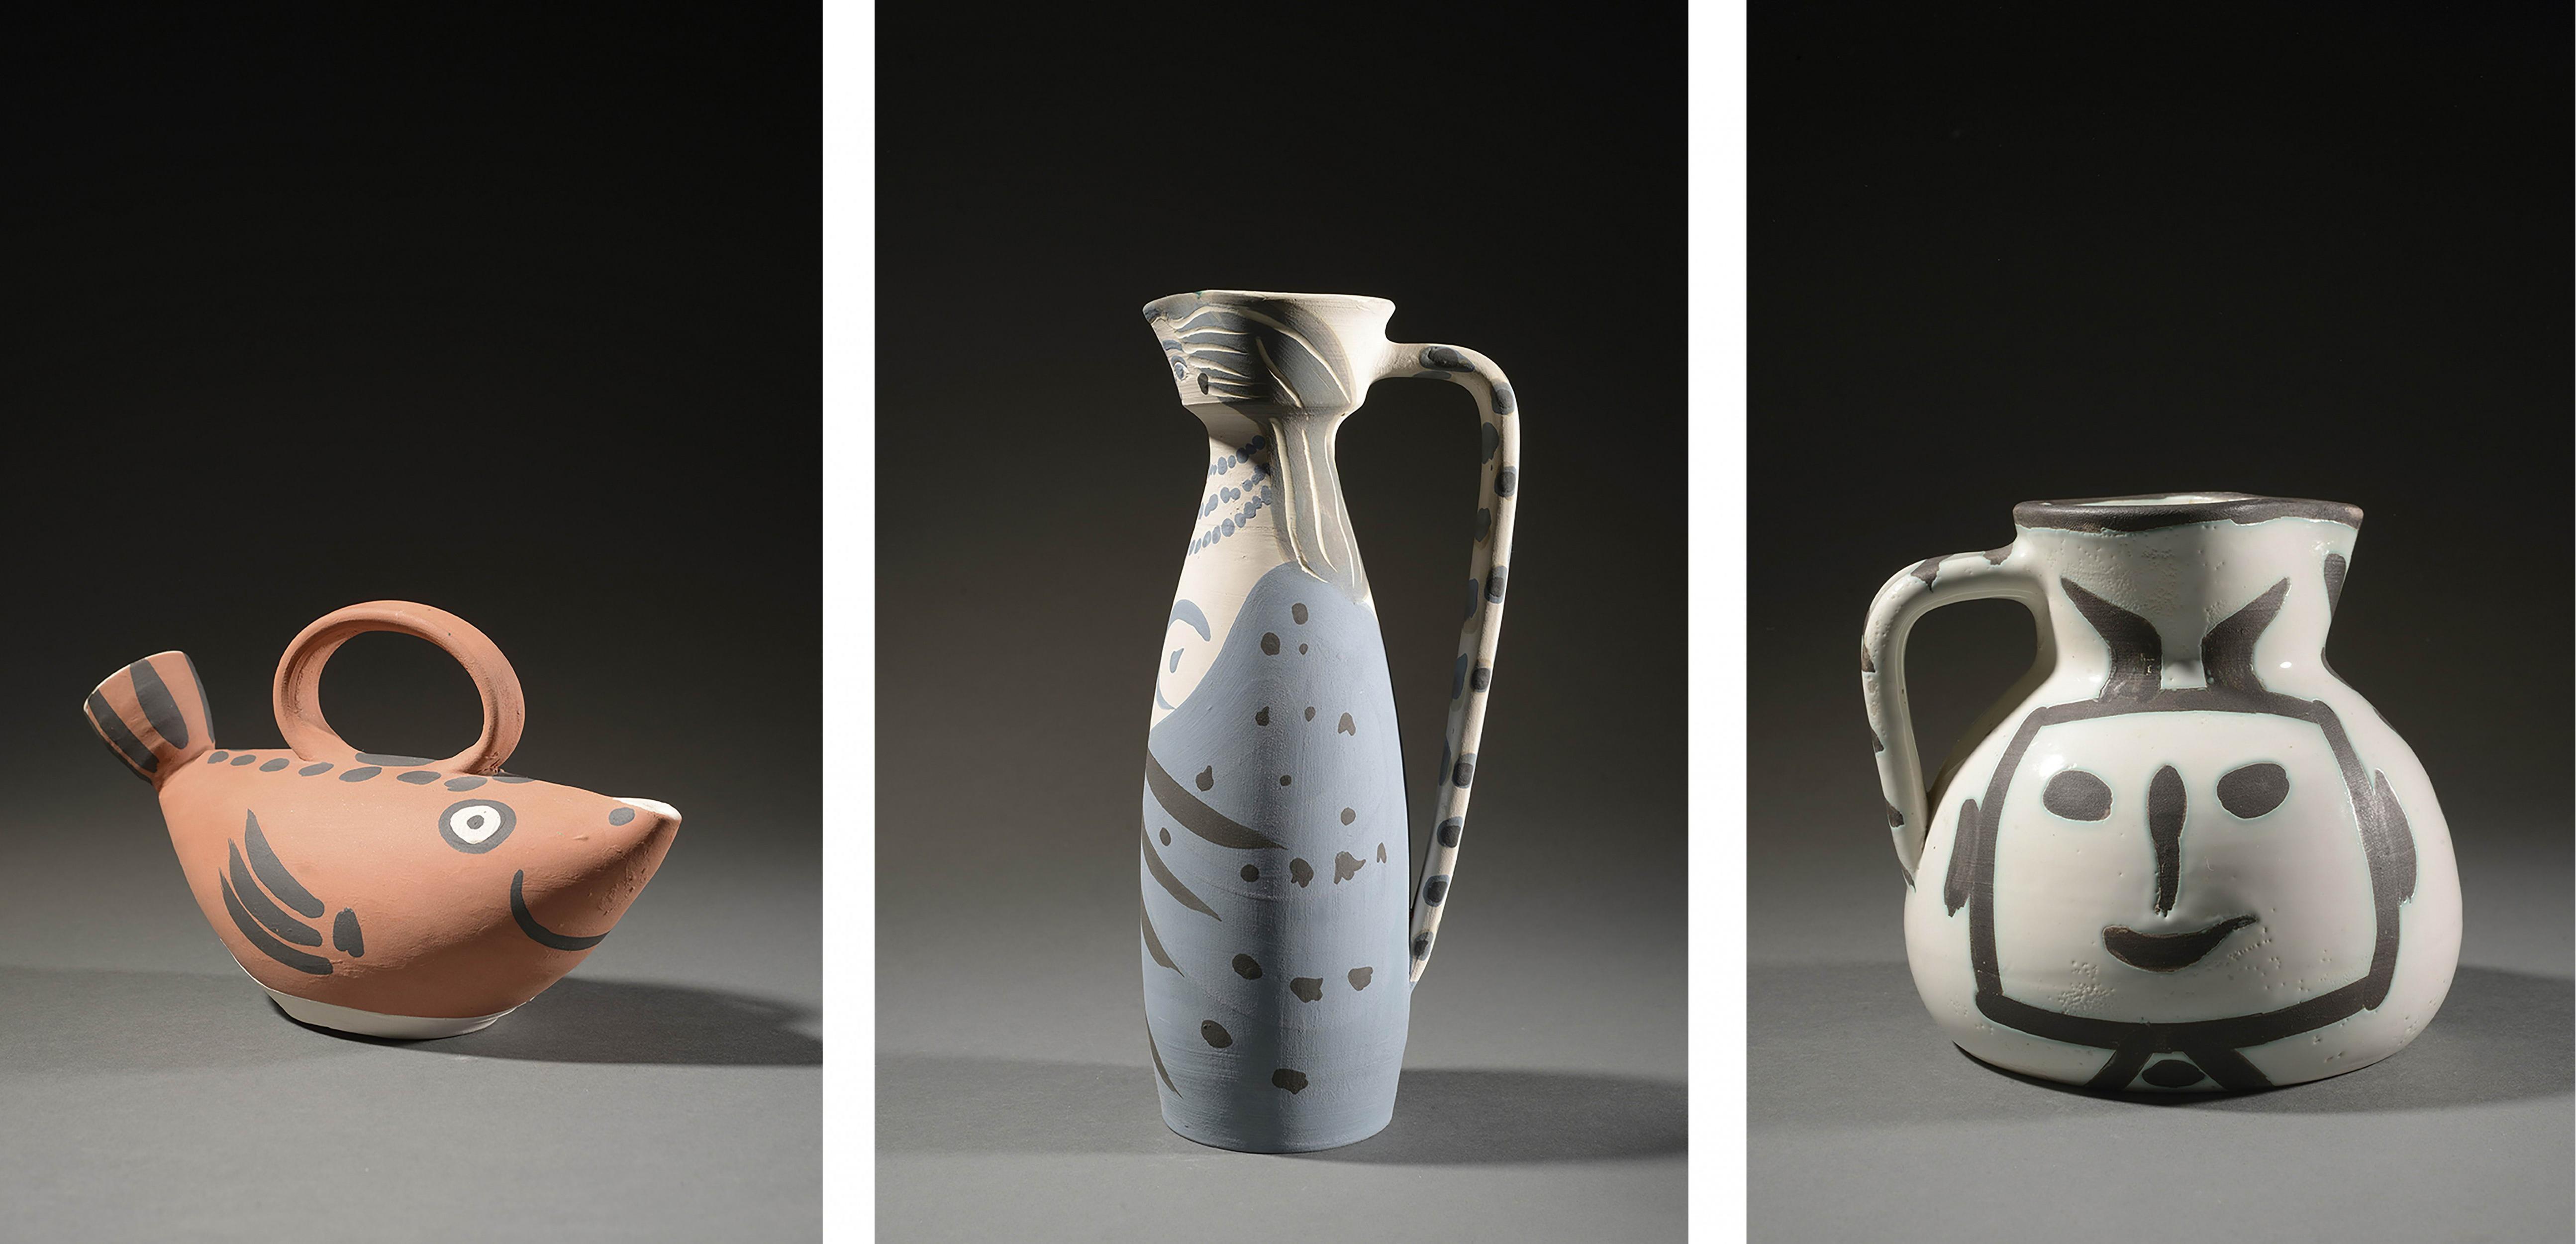 Pablo Picasso, pichets, « Sujet Poisson » 1952, « Femme » 1955, « Pichet Tête carrée » 1953, images ©HVMC